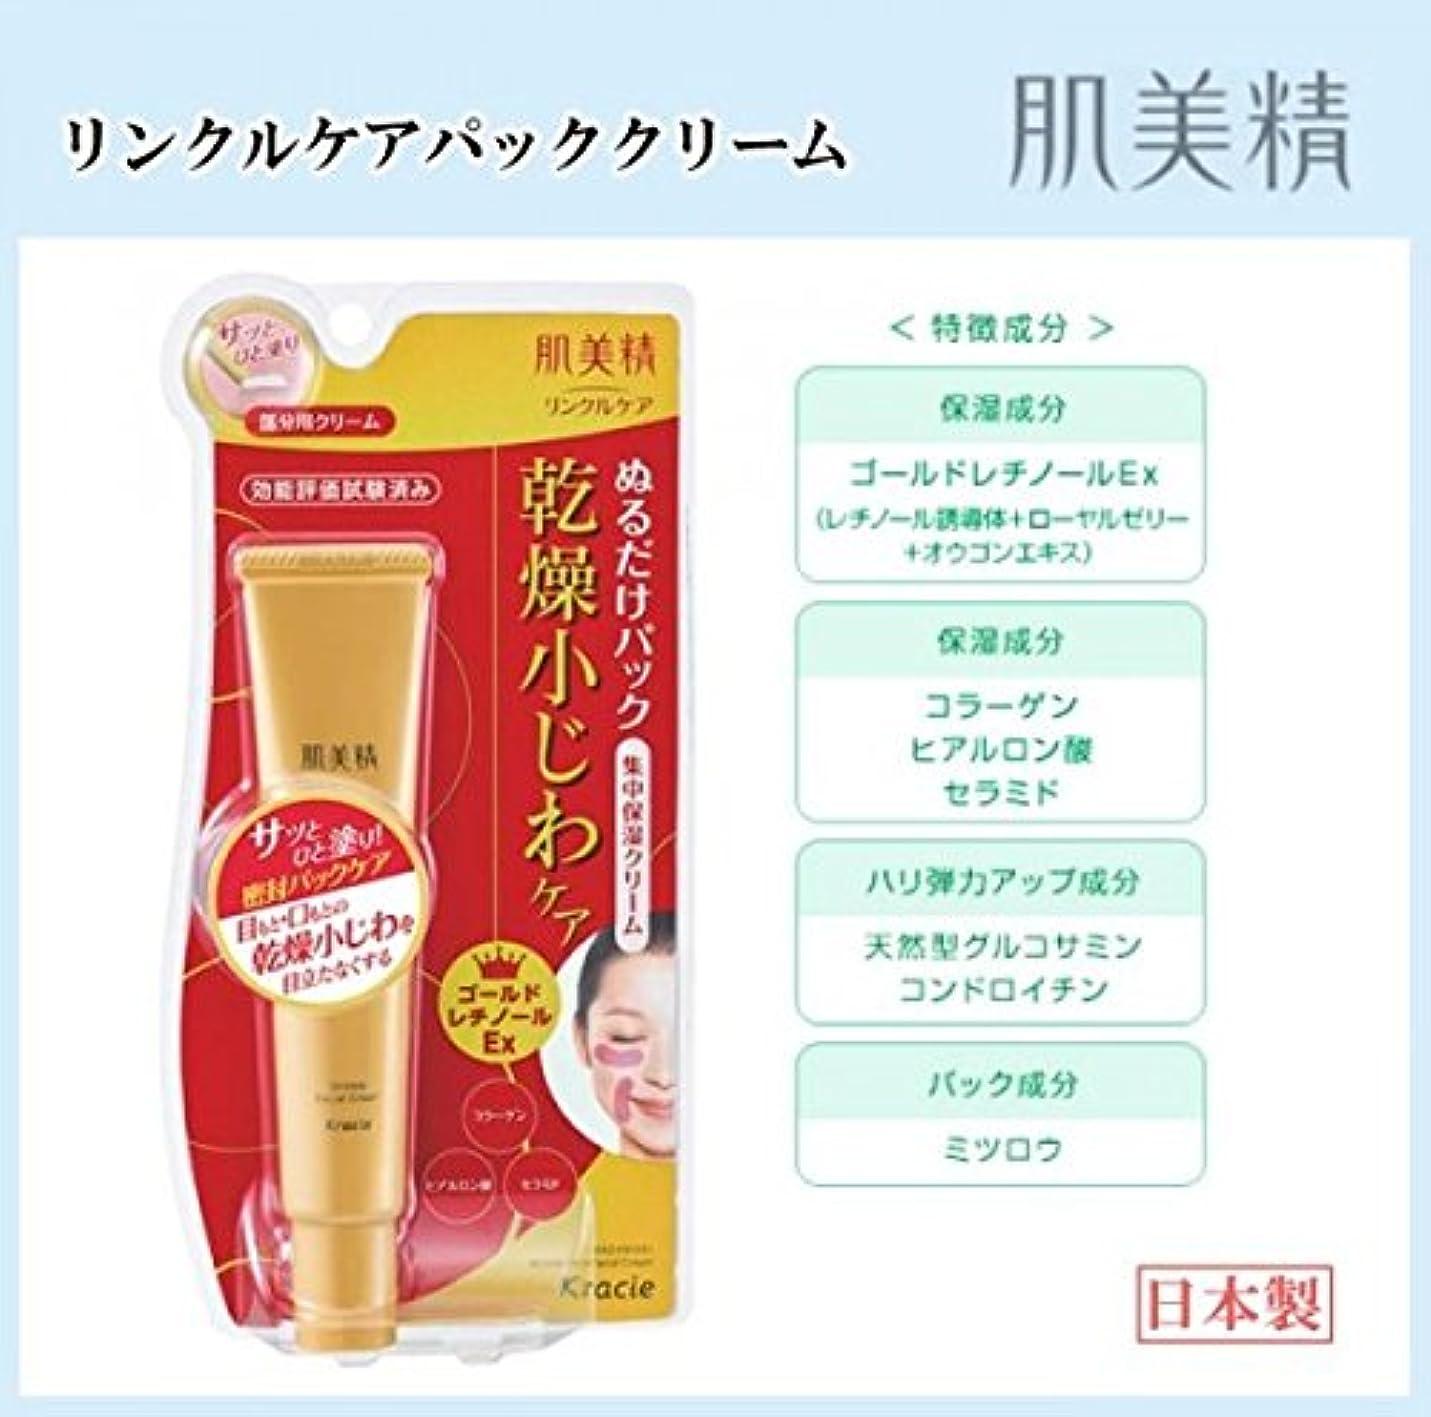 正確さロゴモンク【クラシエ】肌美精 リフト保湿リンクルパッククリーム 30g